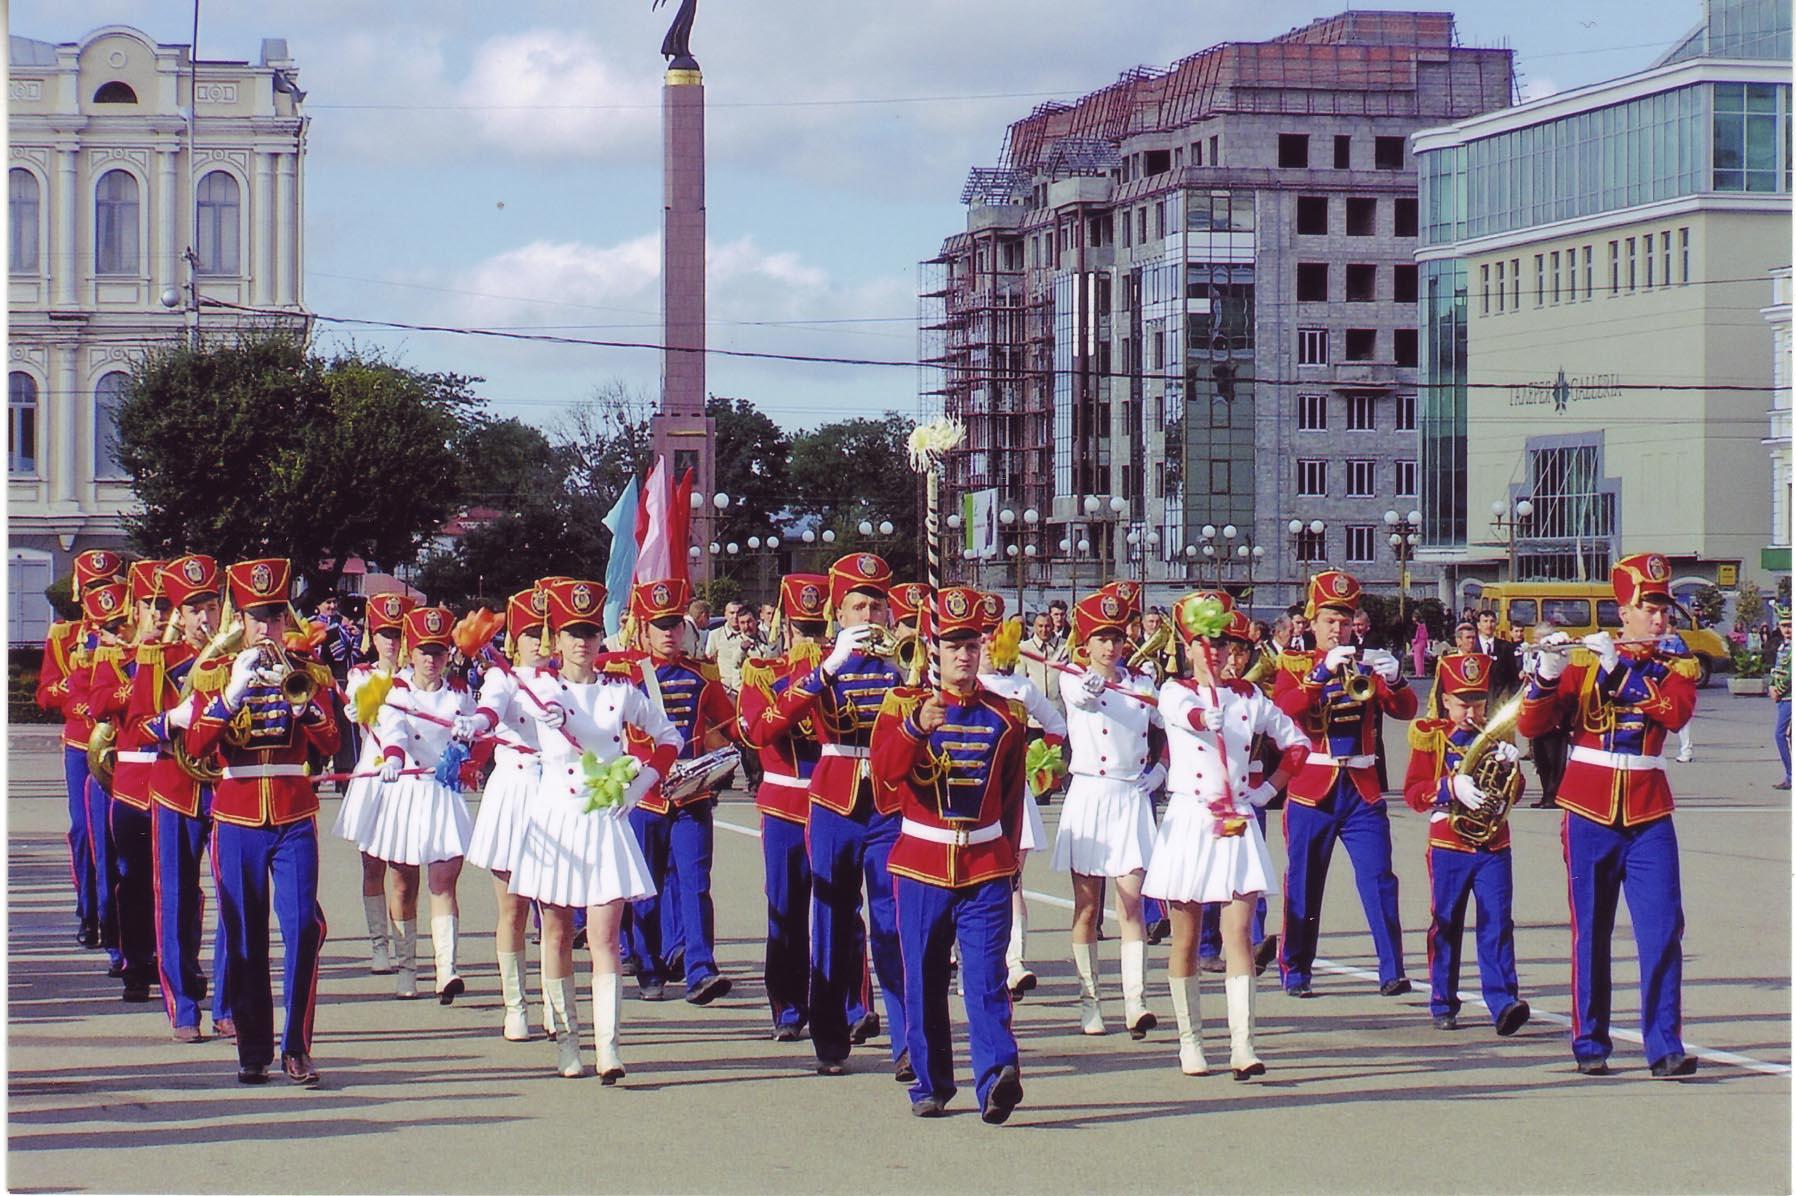 Региональный форум «Духовое сообщество Ставропольского края» состоится в Ставрополе